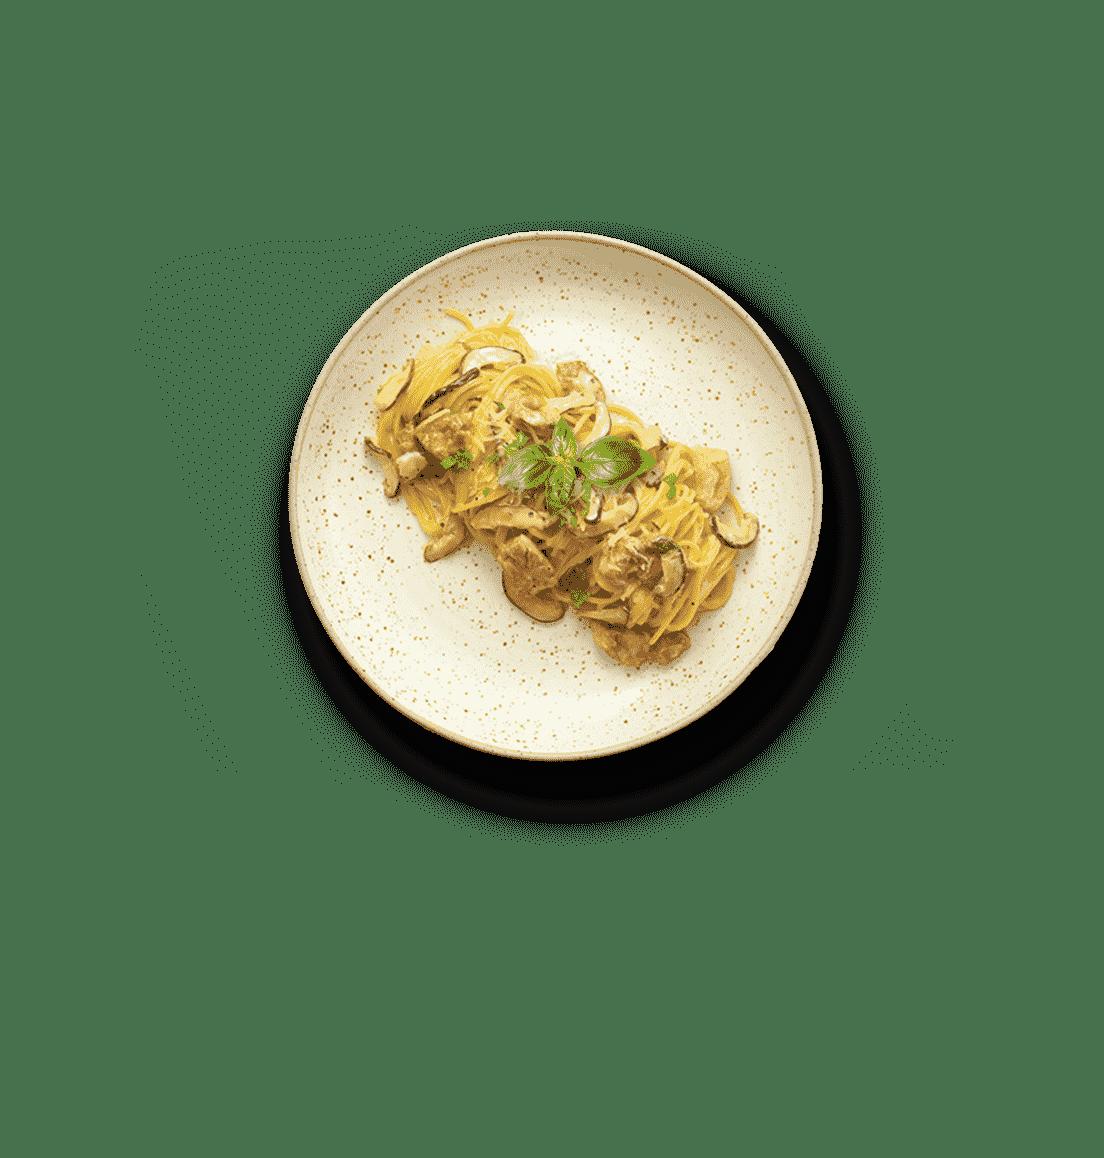 Chicken & Mushroom Cream Pasta